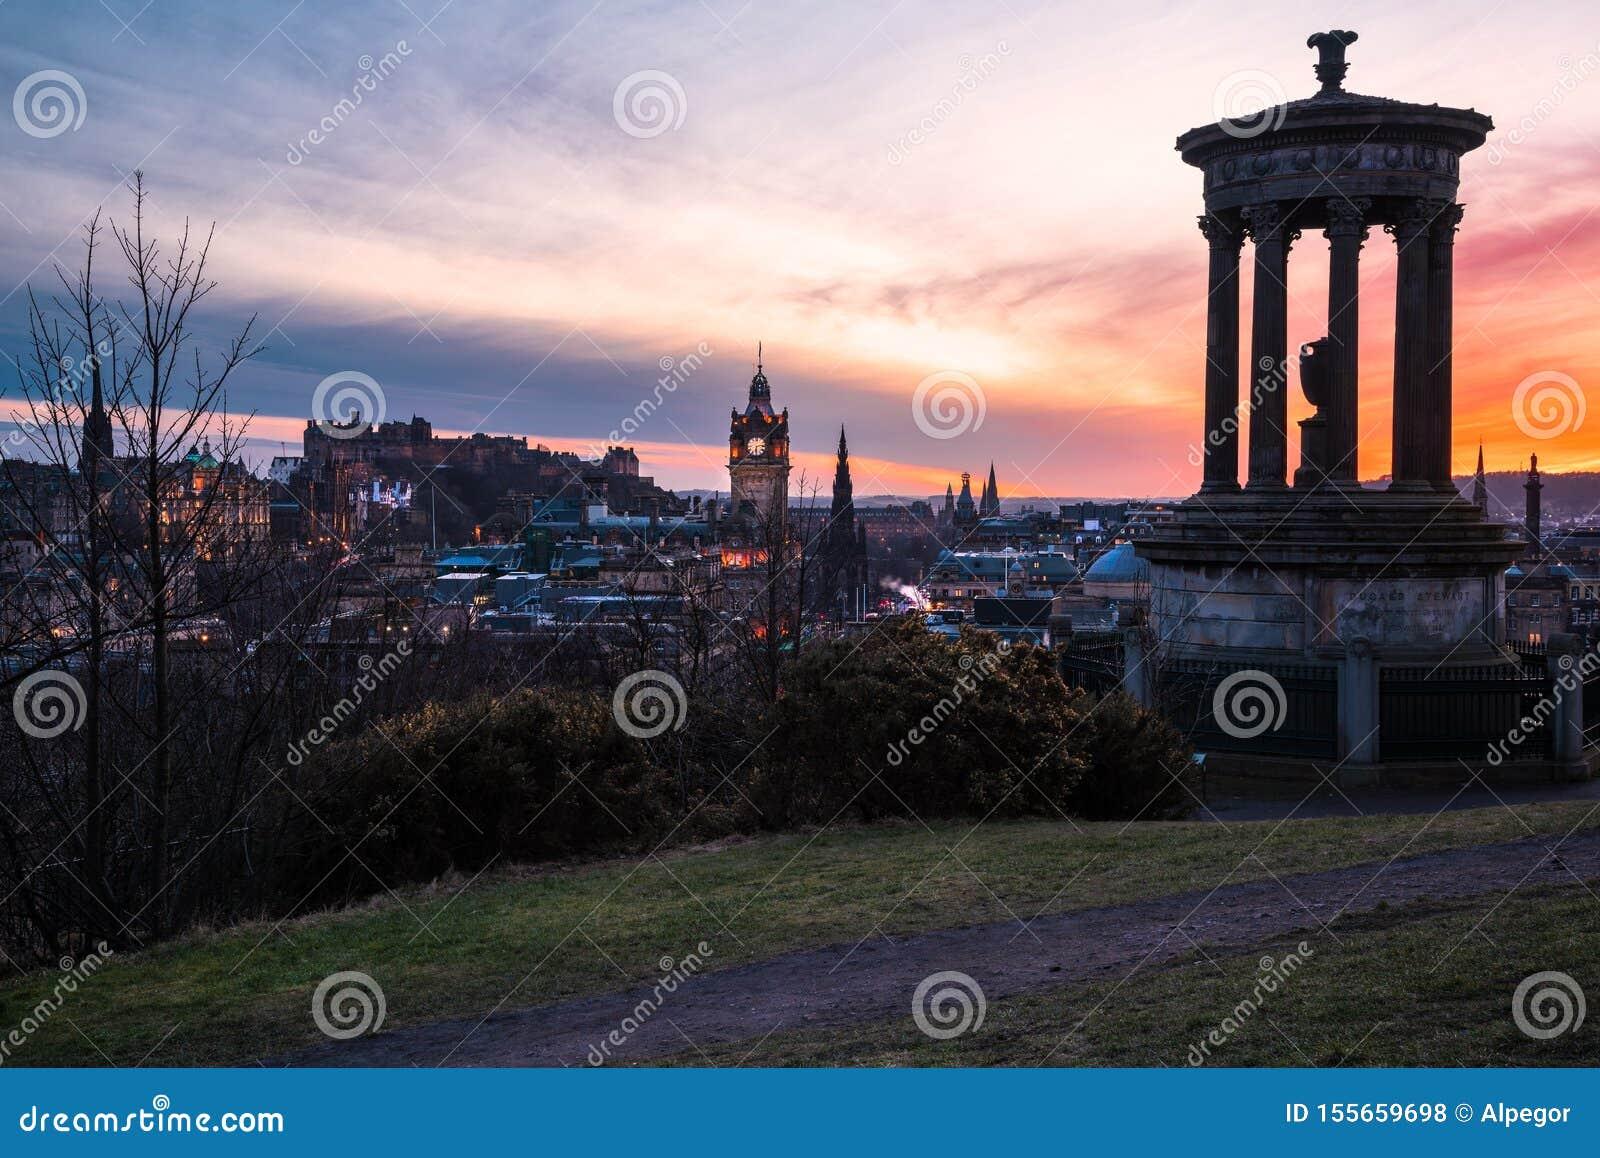 爱丁堡市中心看法在黄昏的五颜六色的冬天天空下